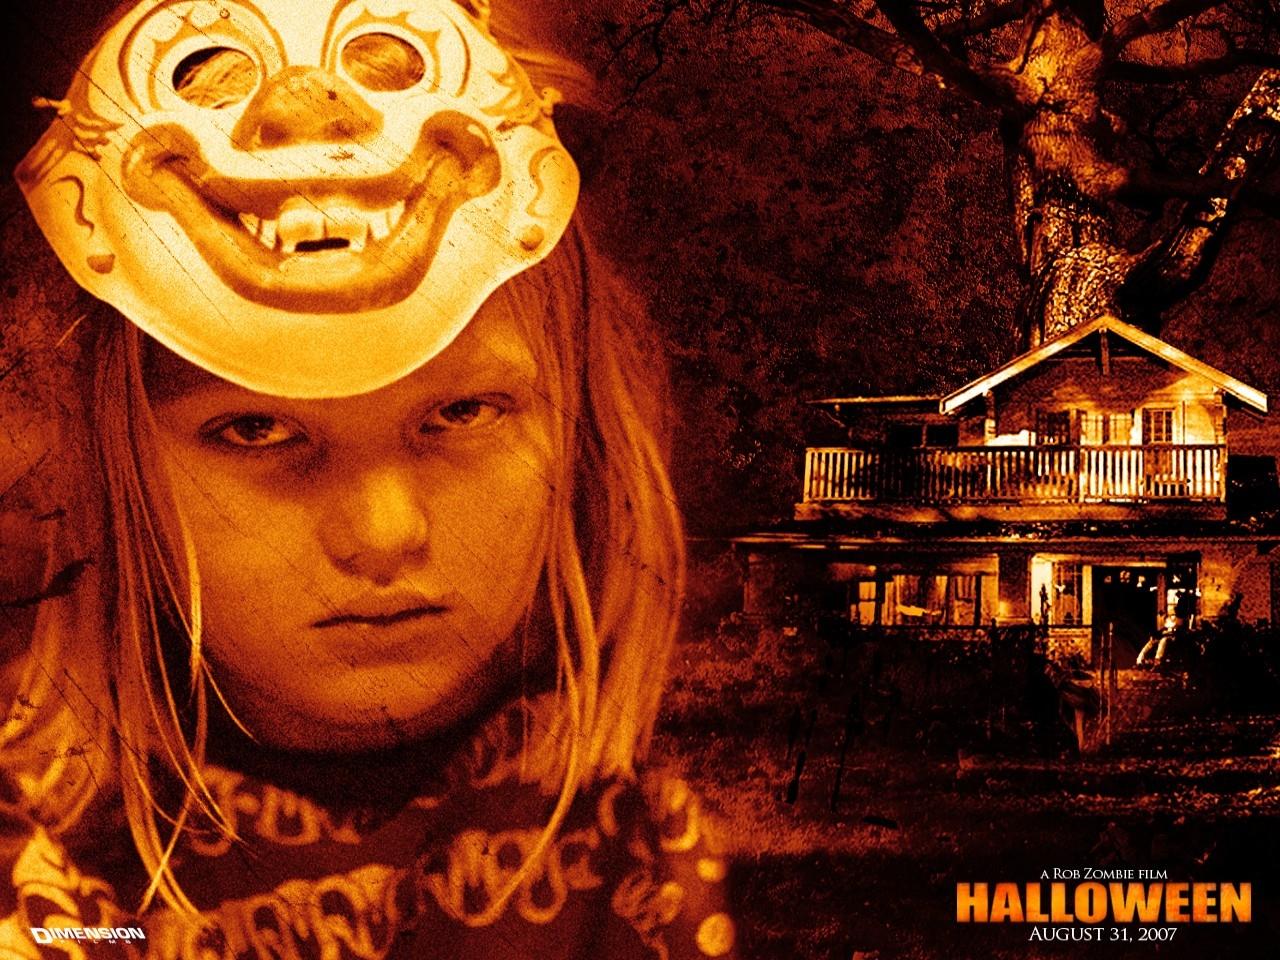 Un wallpaper del film Halloween: The beginning